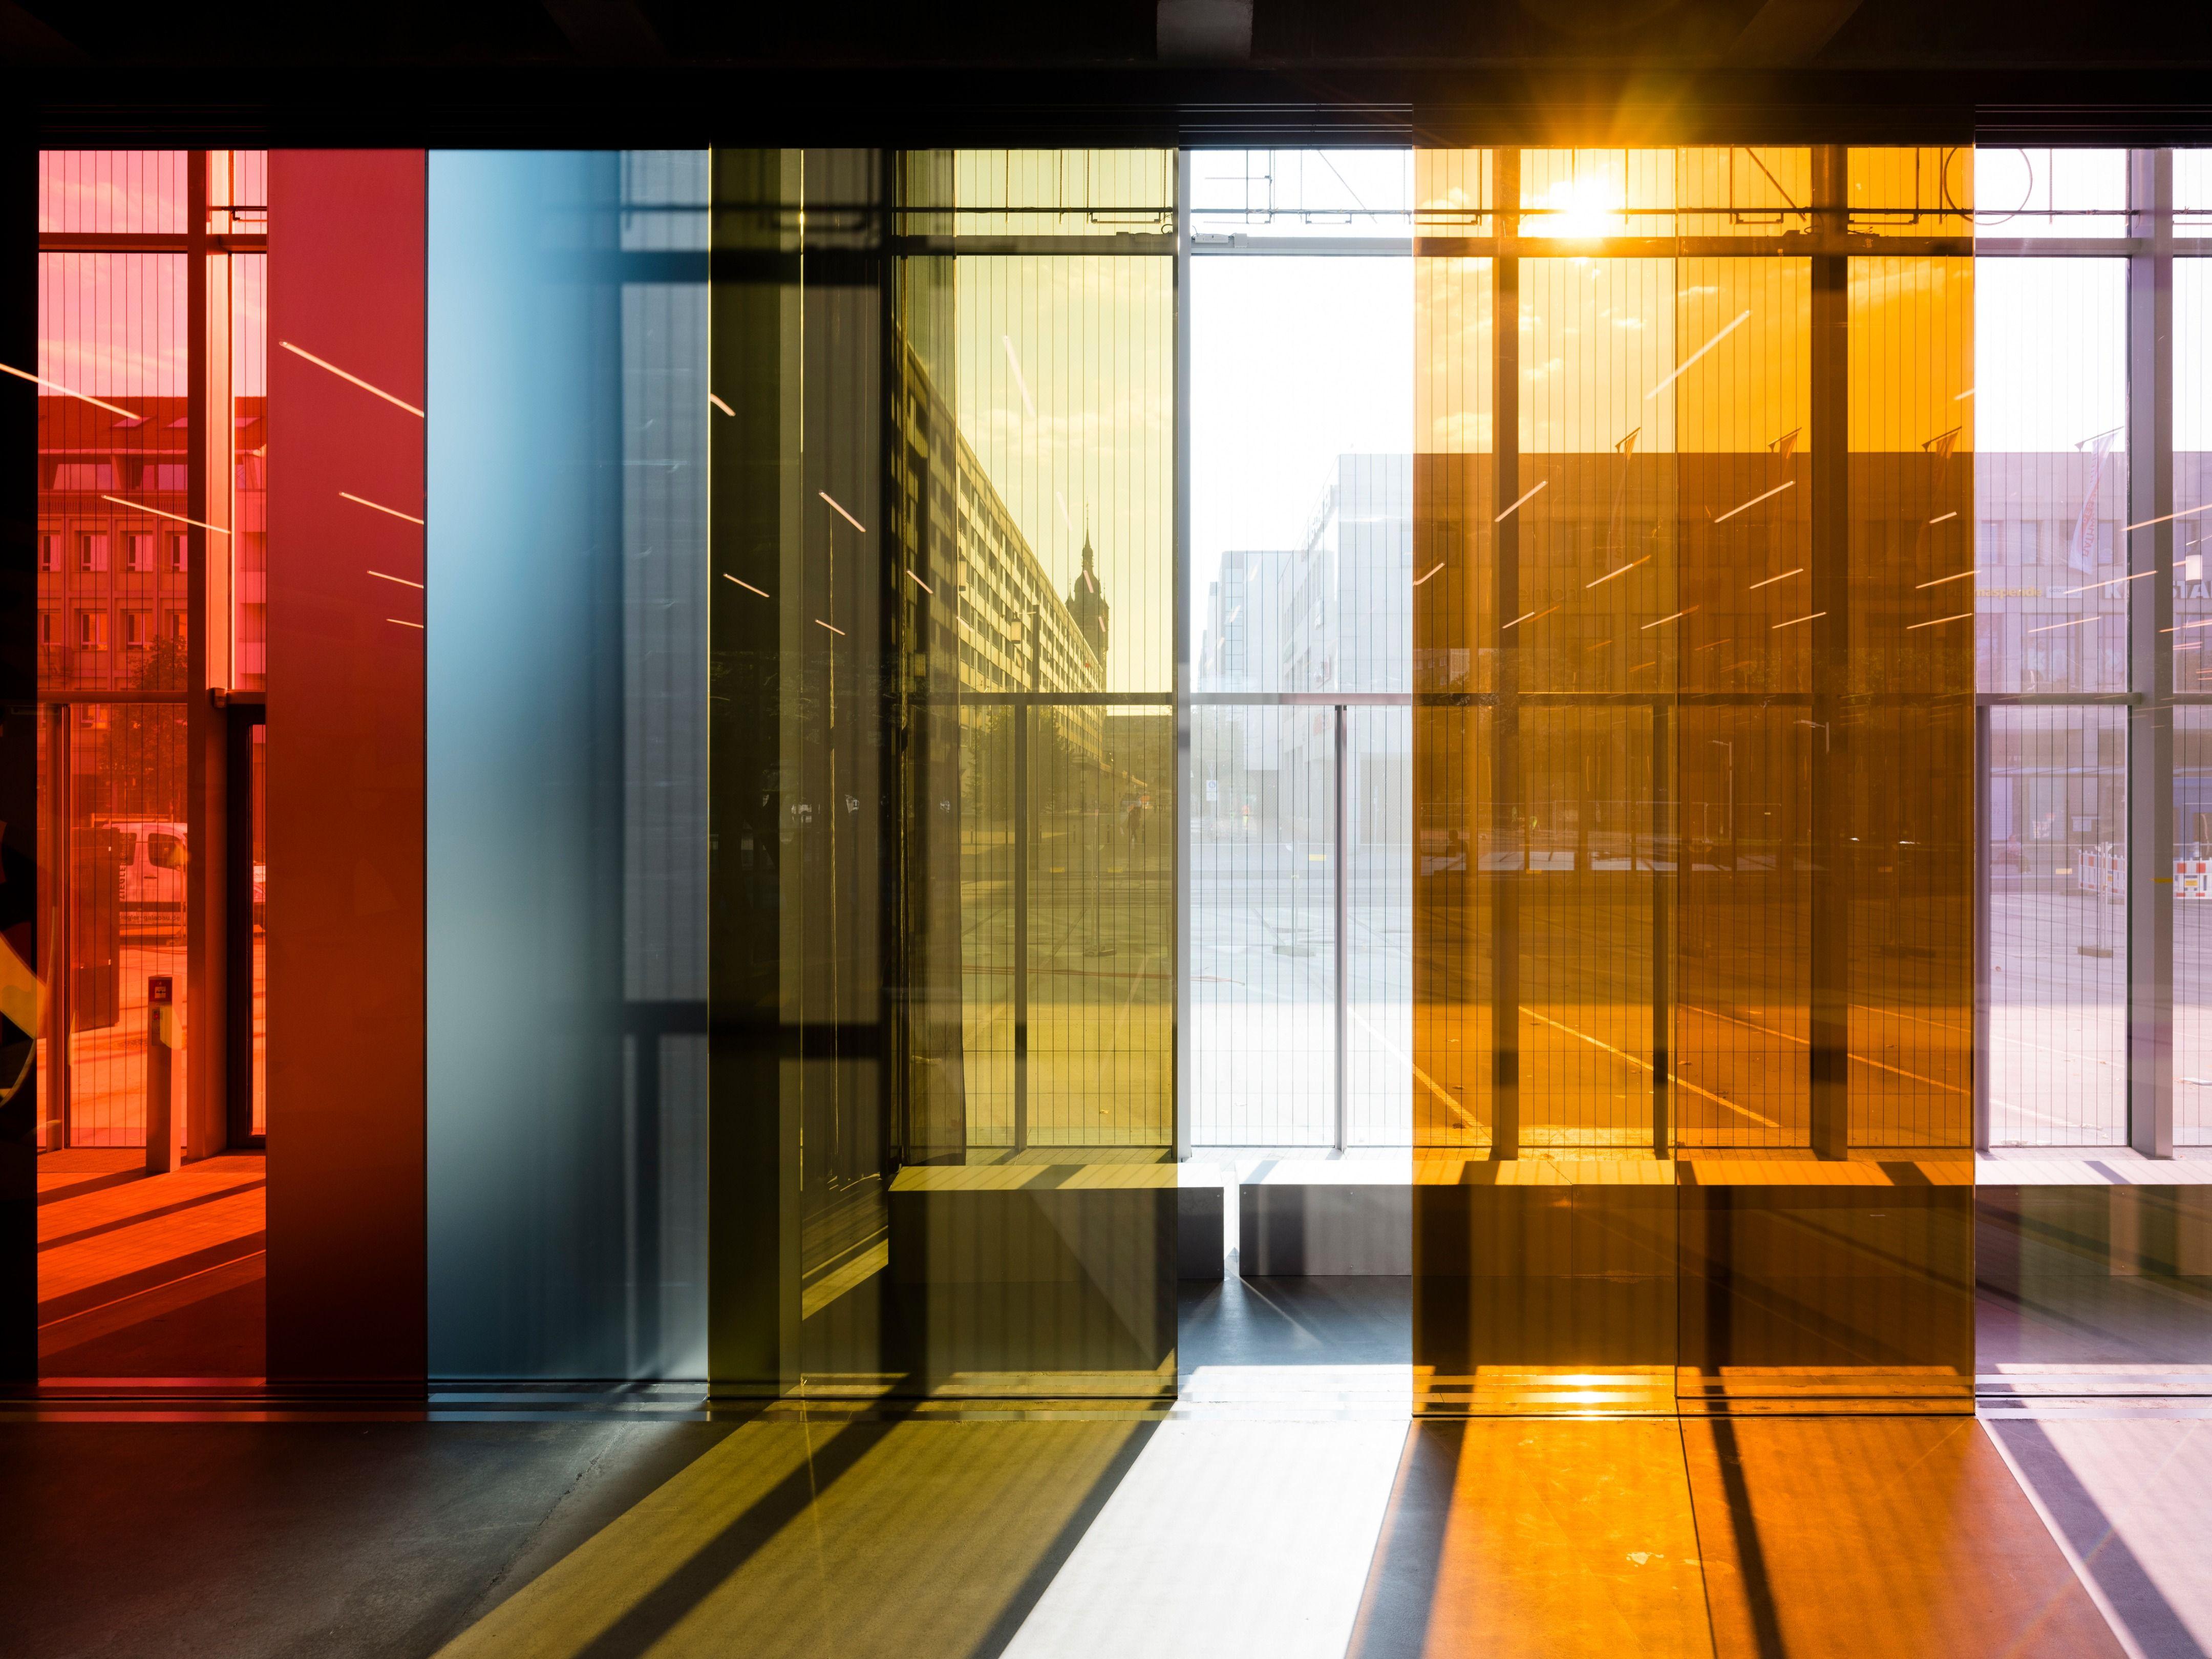 Bauhaus Museum Dessau Picture gallery in 2020 Bauhaus